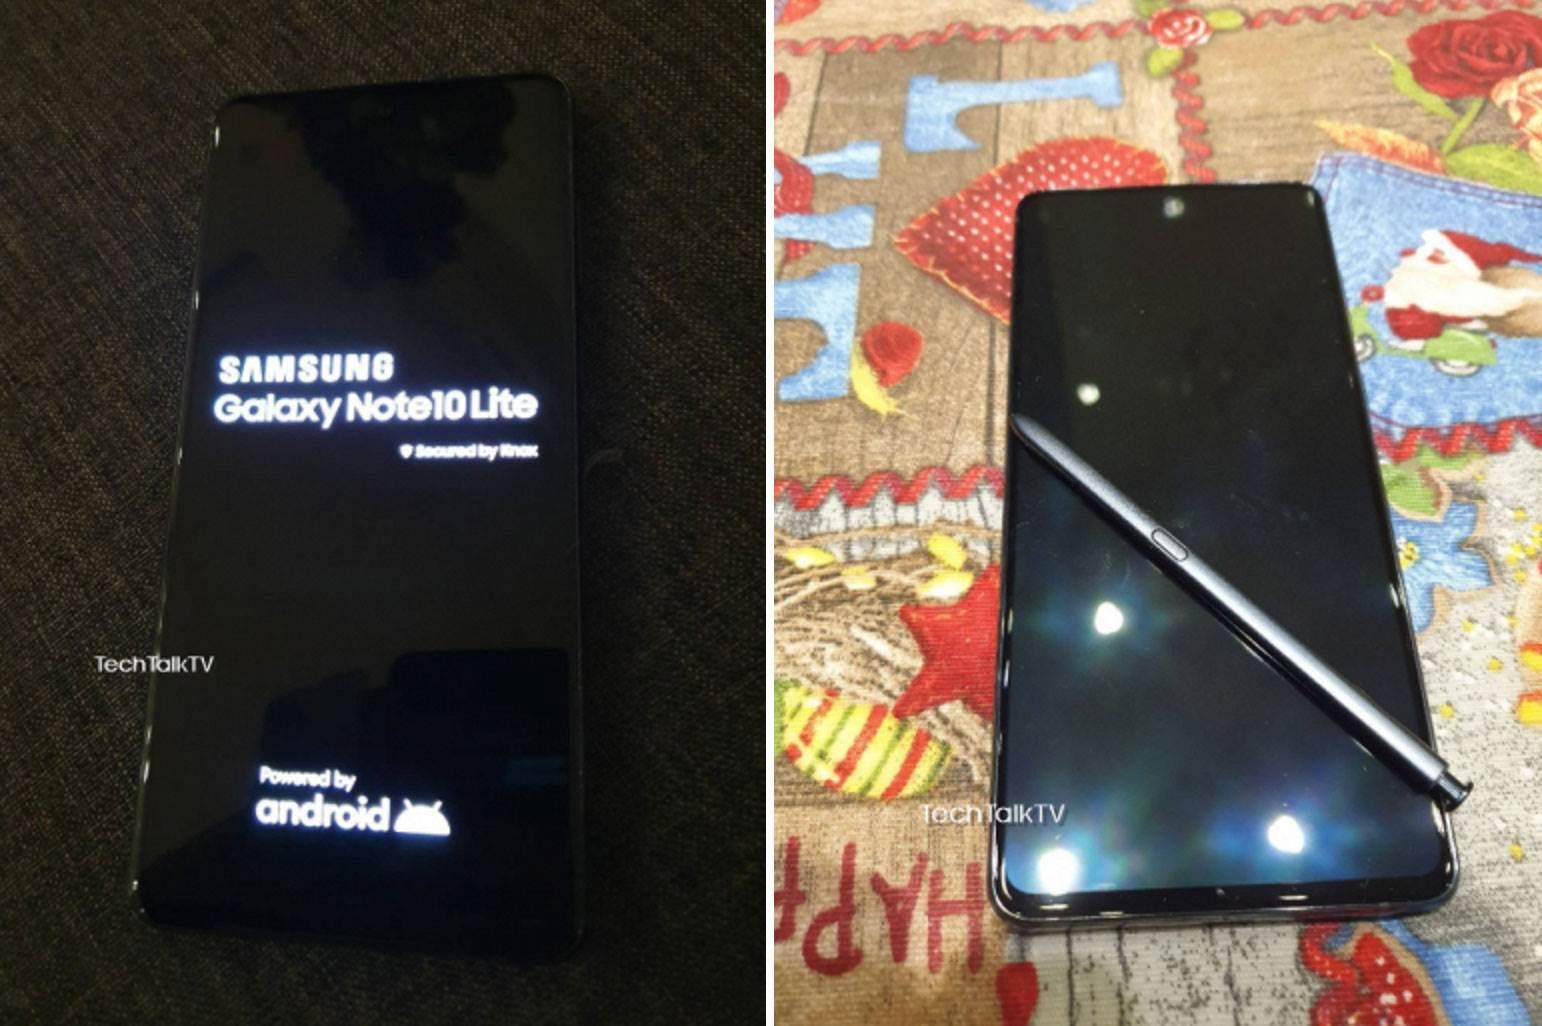 Samsung Galaxy Note10 Lite na pierwszych zdjęciach. Tylny aparat urządzenia jest bardzo podobny do... polecane, ciekawostki Specyfikacja, Samsung Galaxy Note10 Lite, ile kosztuje Galaxy Note 10 Lite, Galaxy Note10 Lite, Galaxy Note 10 Lite, cena  Według plotek, w tym miesiącu Samsung powinien wprowadzić do swojej oferty Galaxy S10 Lite i Galaxy Note10 Lite. Wciąż nie wiadomo dokładnie, kiedy odbędzie się premiera, ale w sieci pojawiły się już zdjęcia jednego z tych nowych produktów - Note10 Lite. Note101